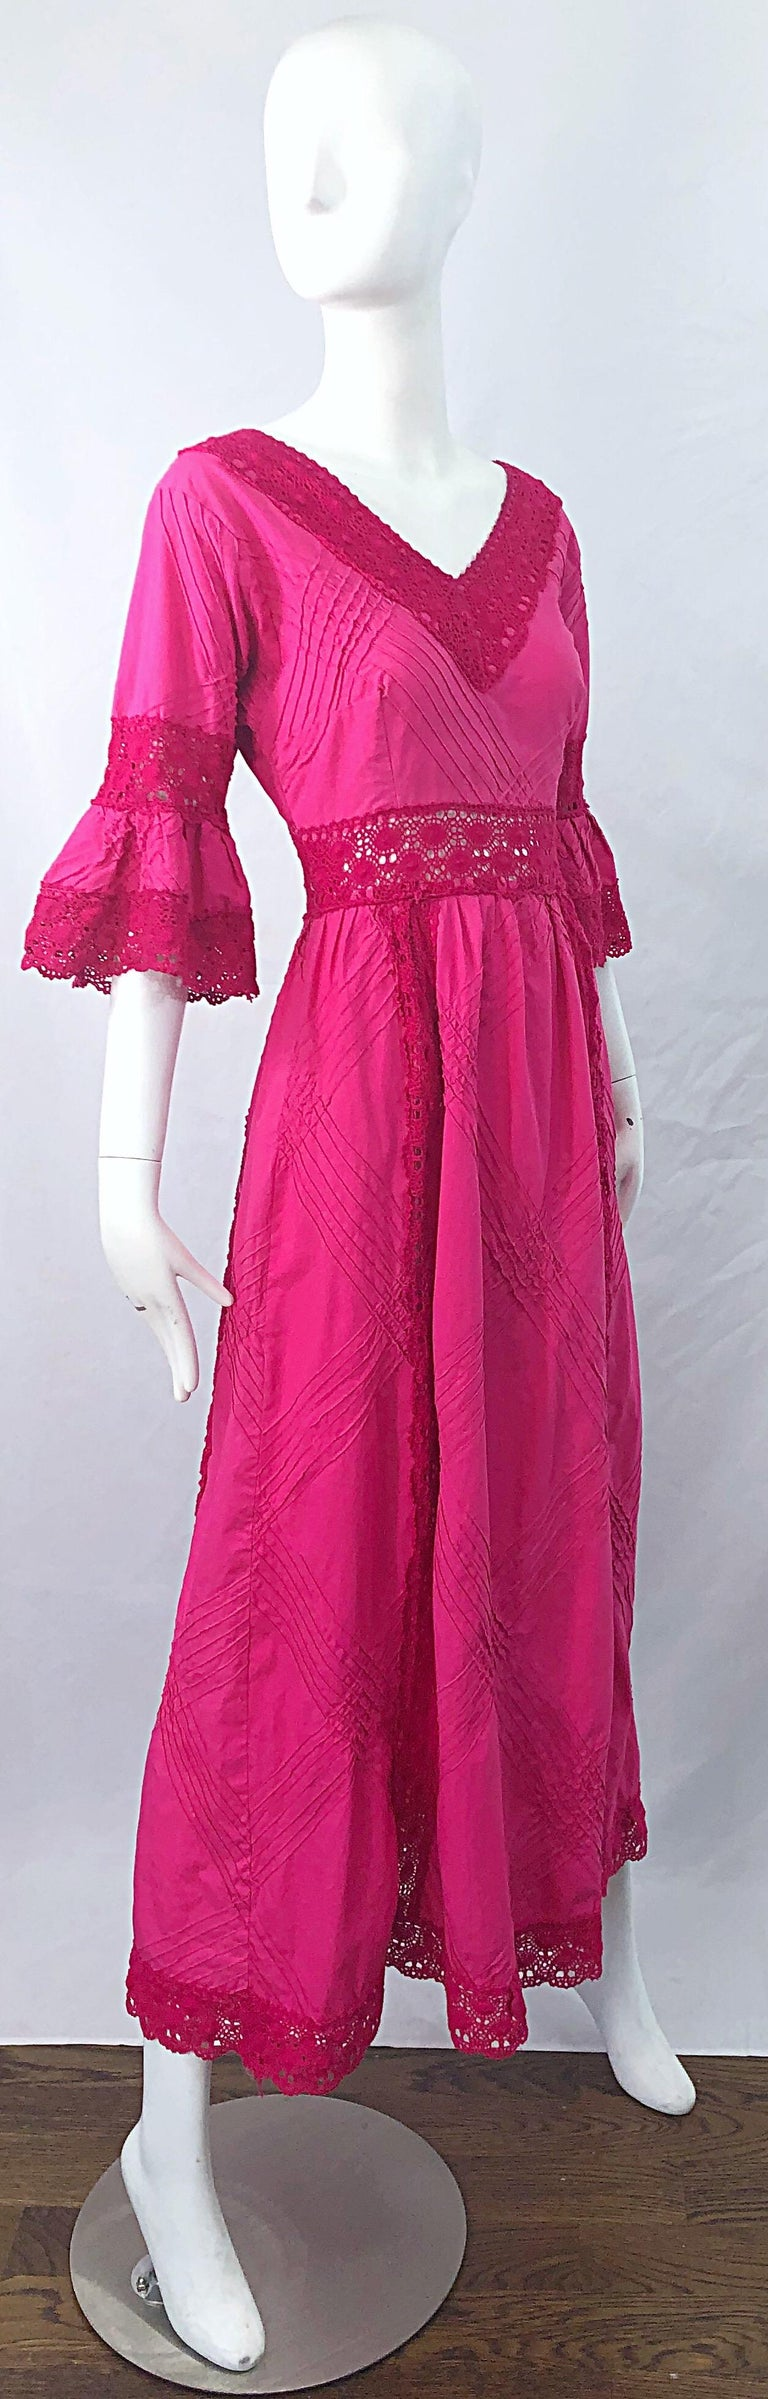 1970s Tachi Castillo Hot Pink Mexican Crochet Vintage Cotton 70s Maxi Dress For Sale 5